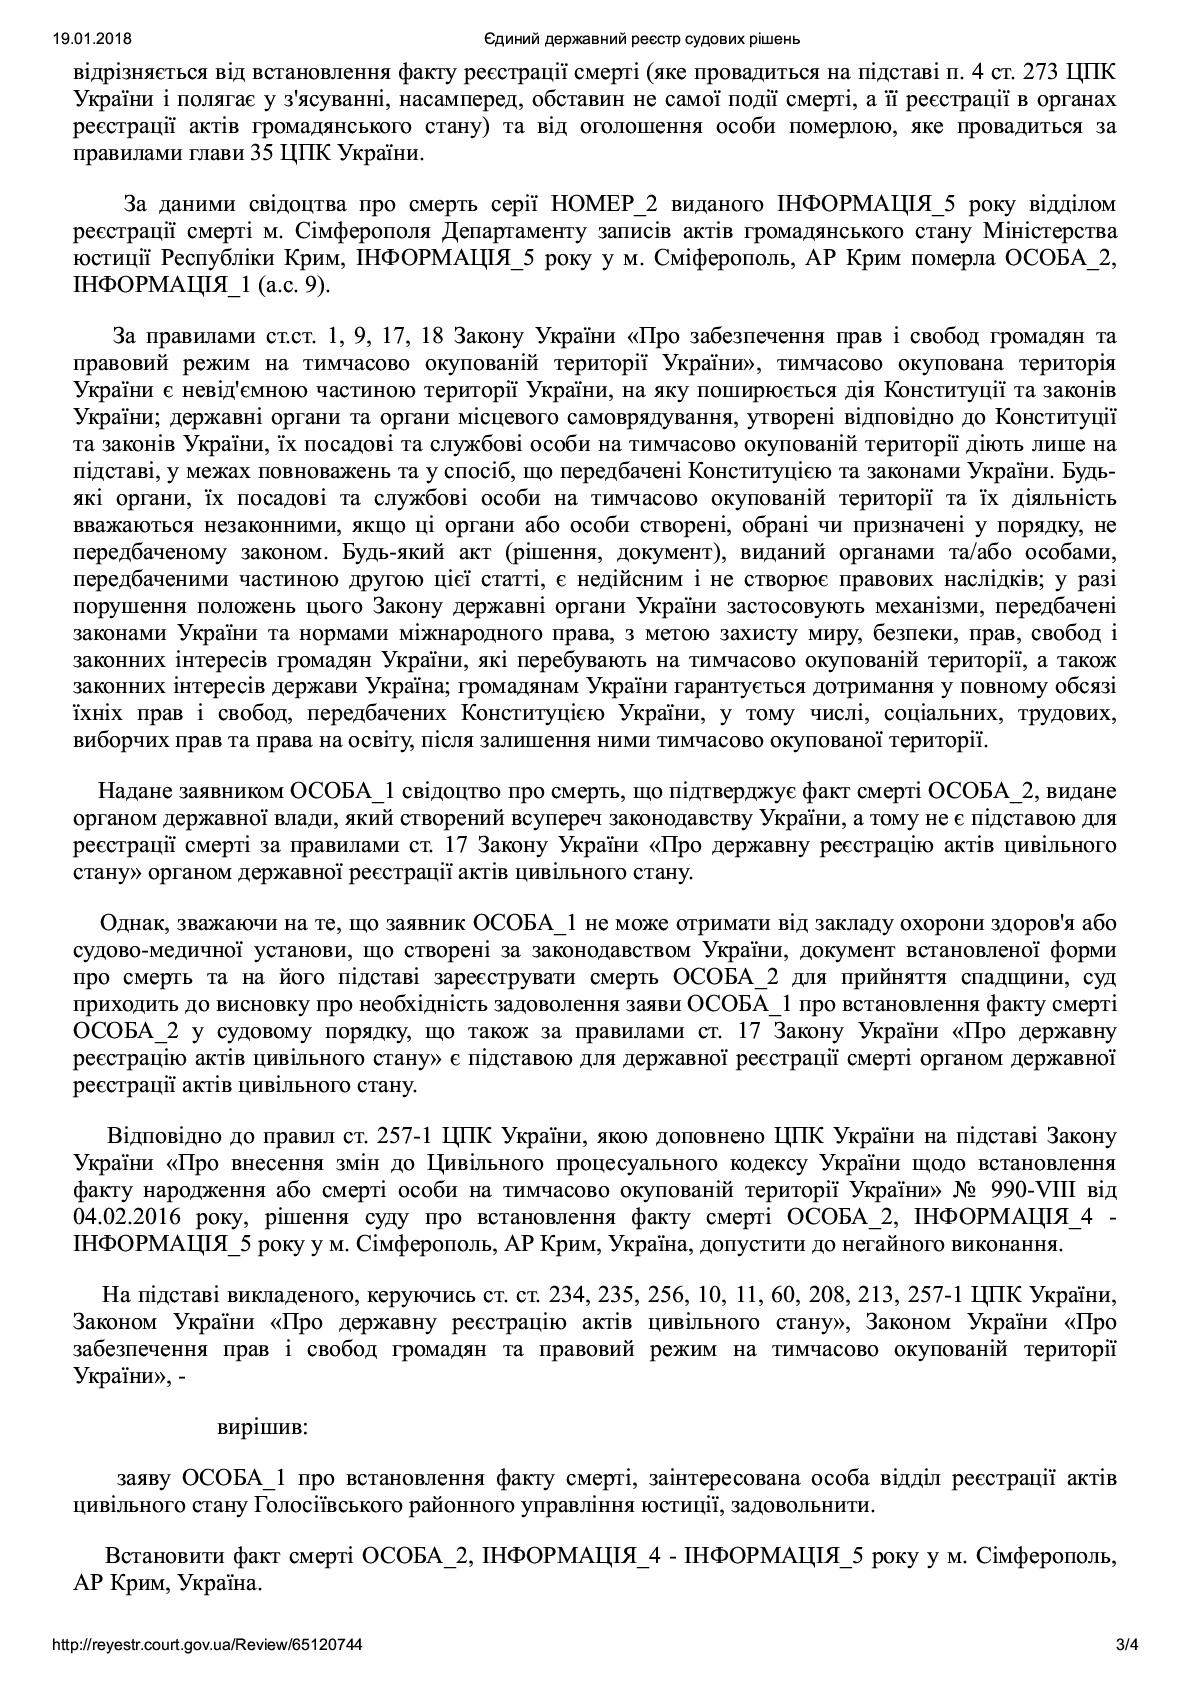 Фото Установлен юридический факт, который имеет значение - заявитель проживает на временно акупированной территории (АР Крым)